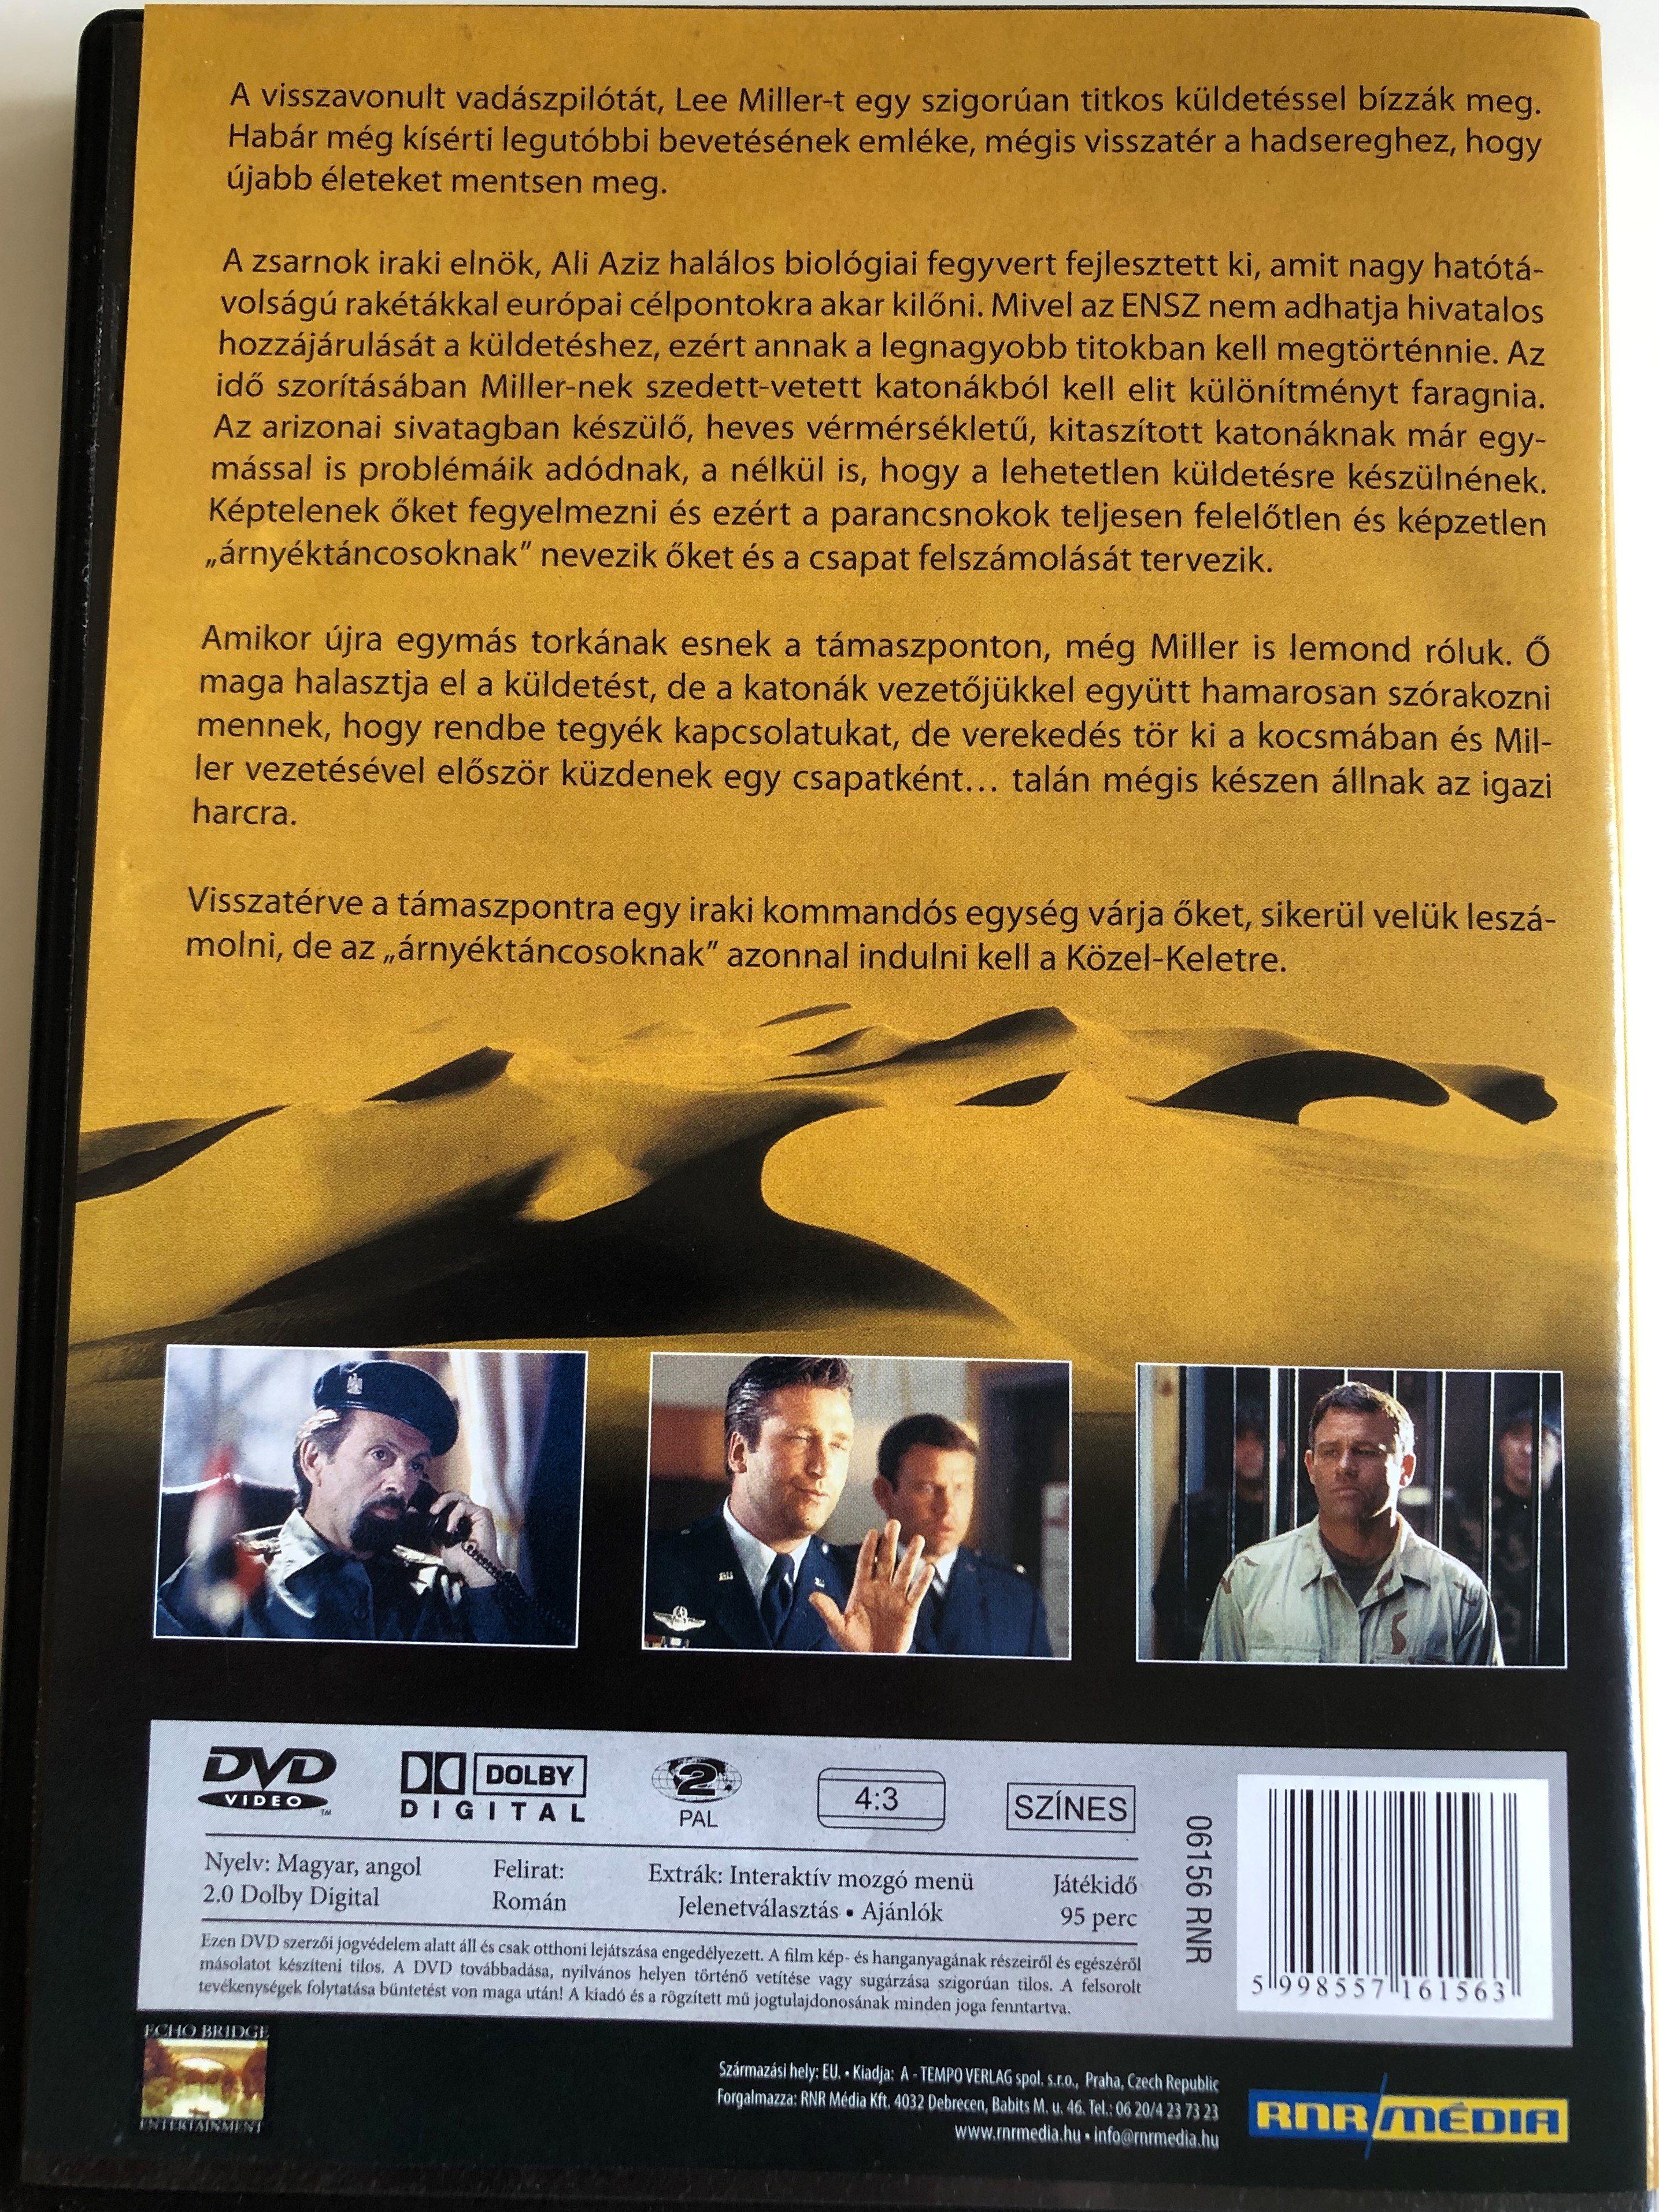 desert-thunder-dvd-1998-sivatagi-vihar-directed-by-jim-wynorski-starring-daniel-baldwin-stacy-haiduk-richard-tyson-2-.jpg